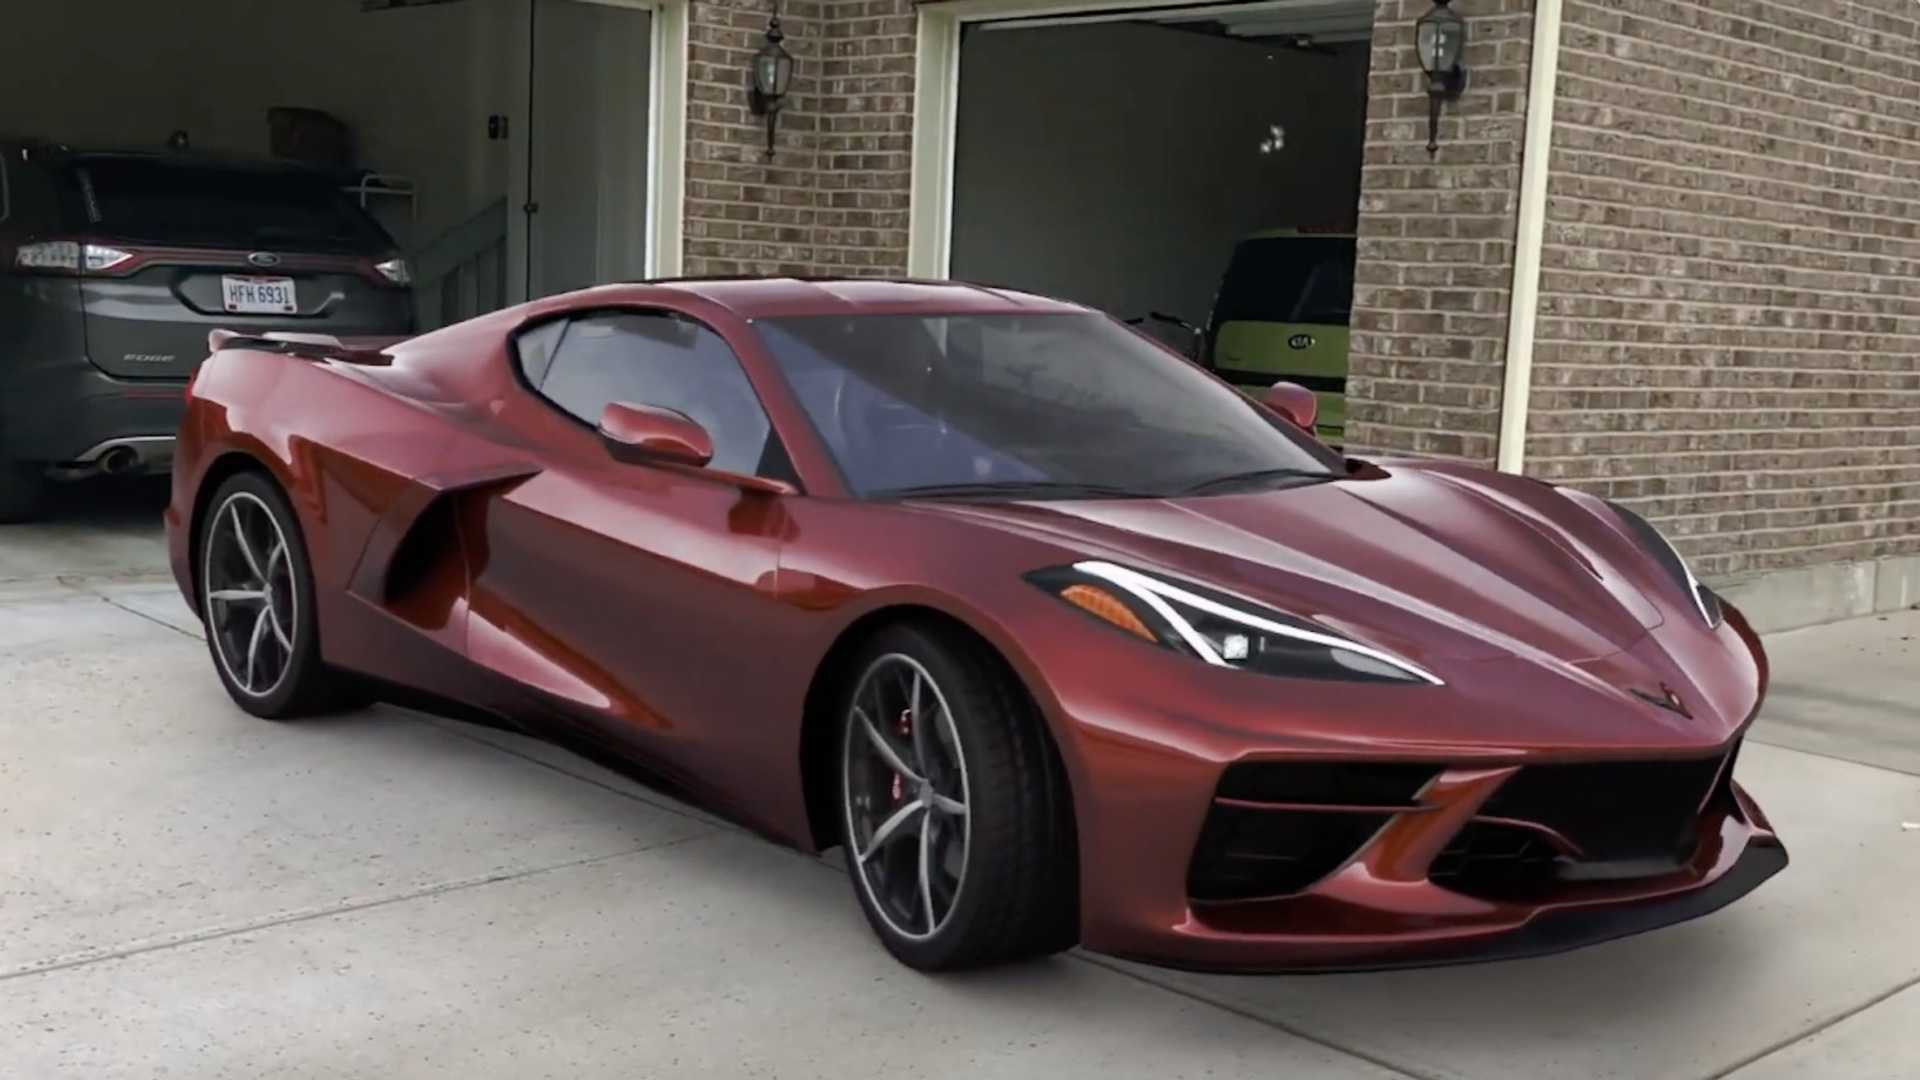 Motor1.com | Car News, Reviews and Analysis